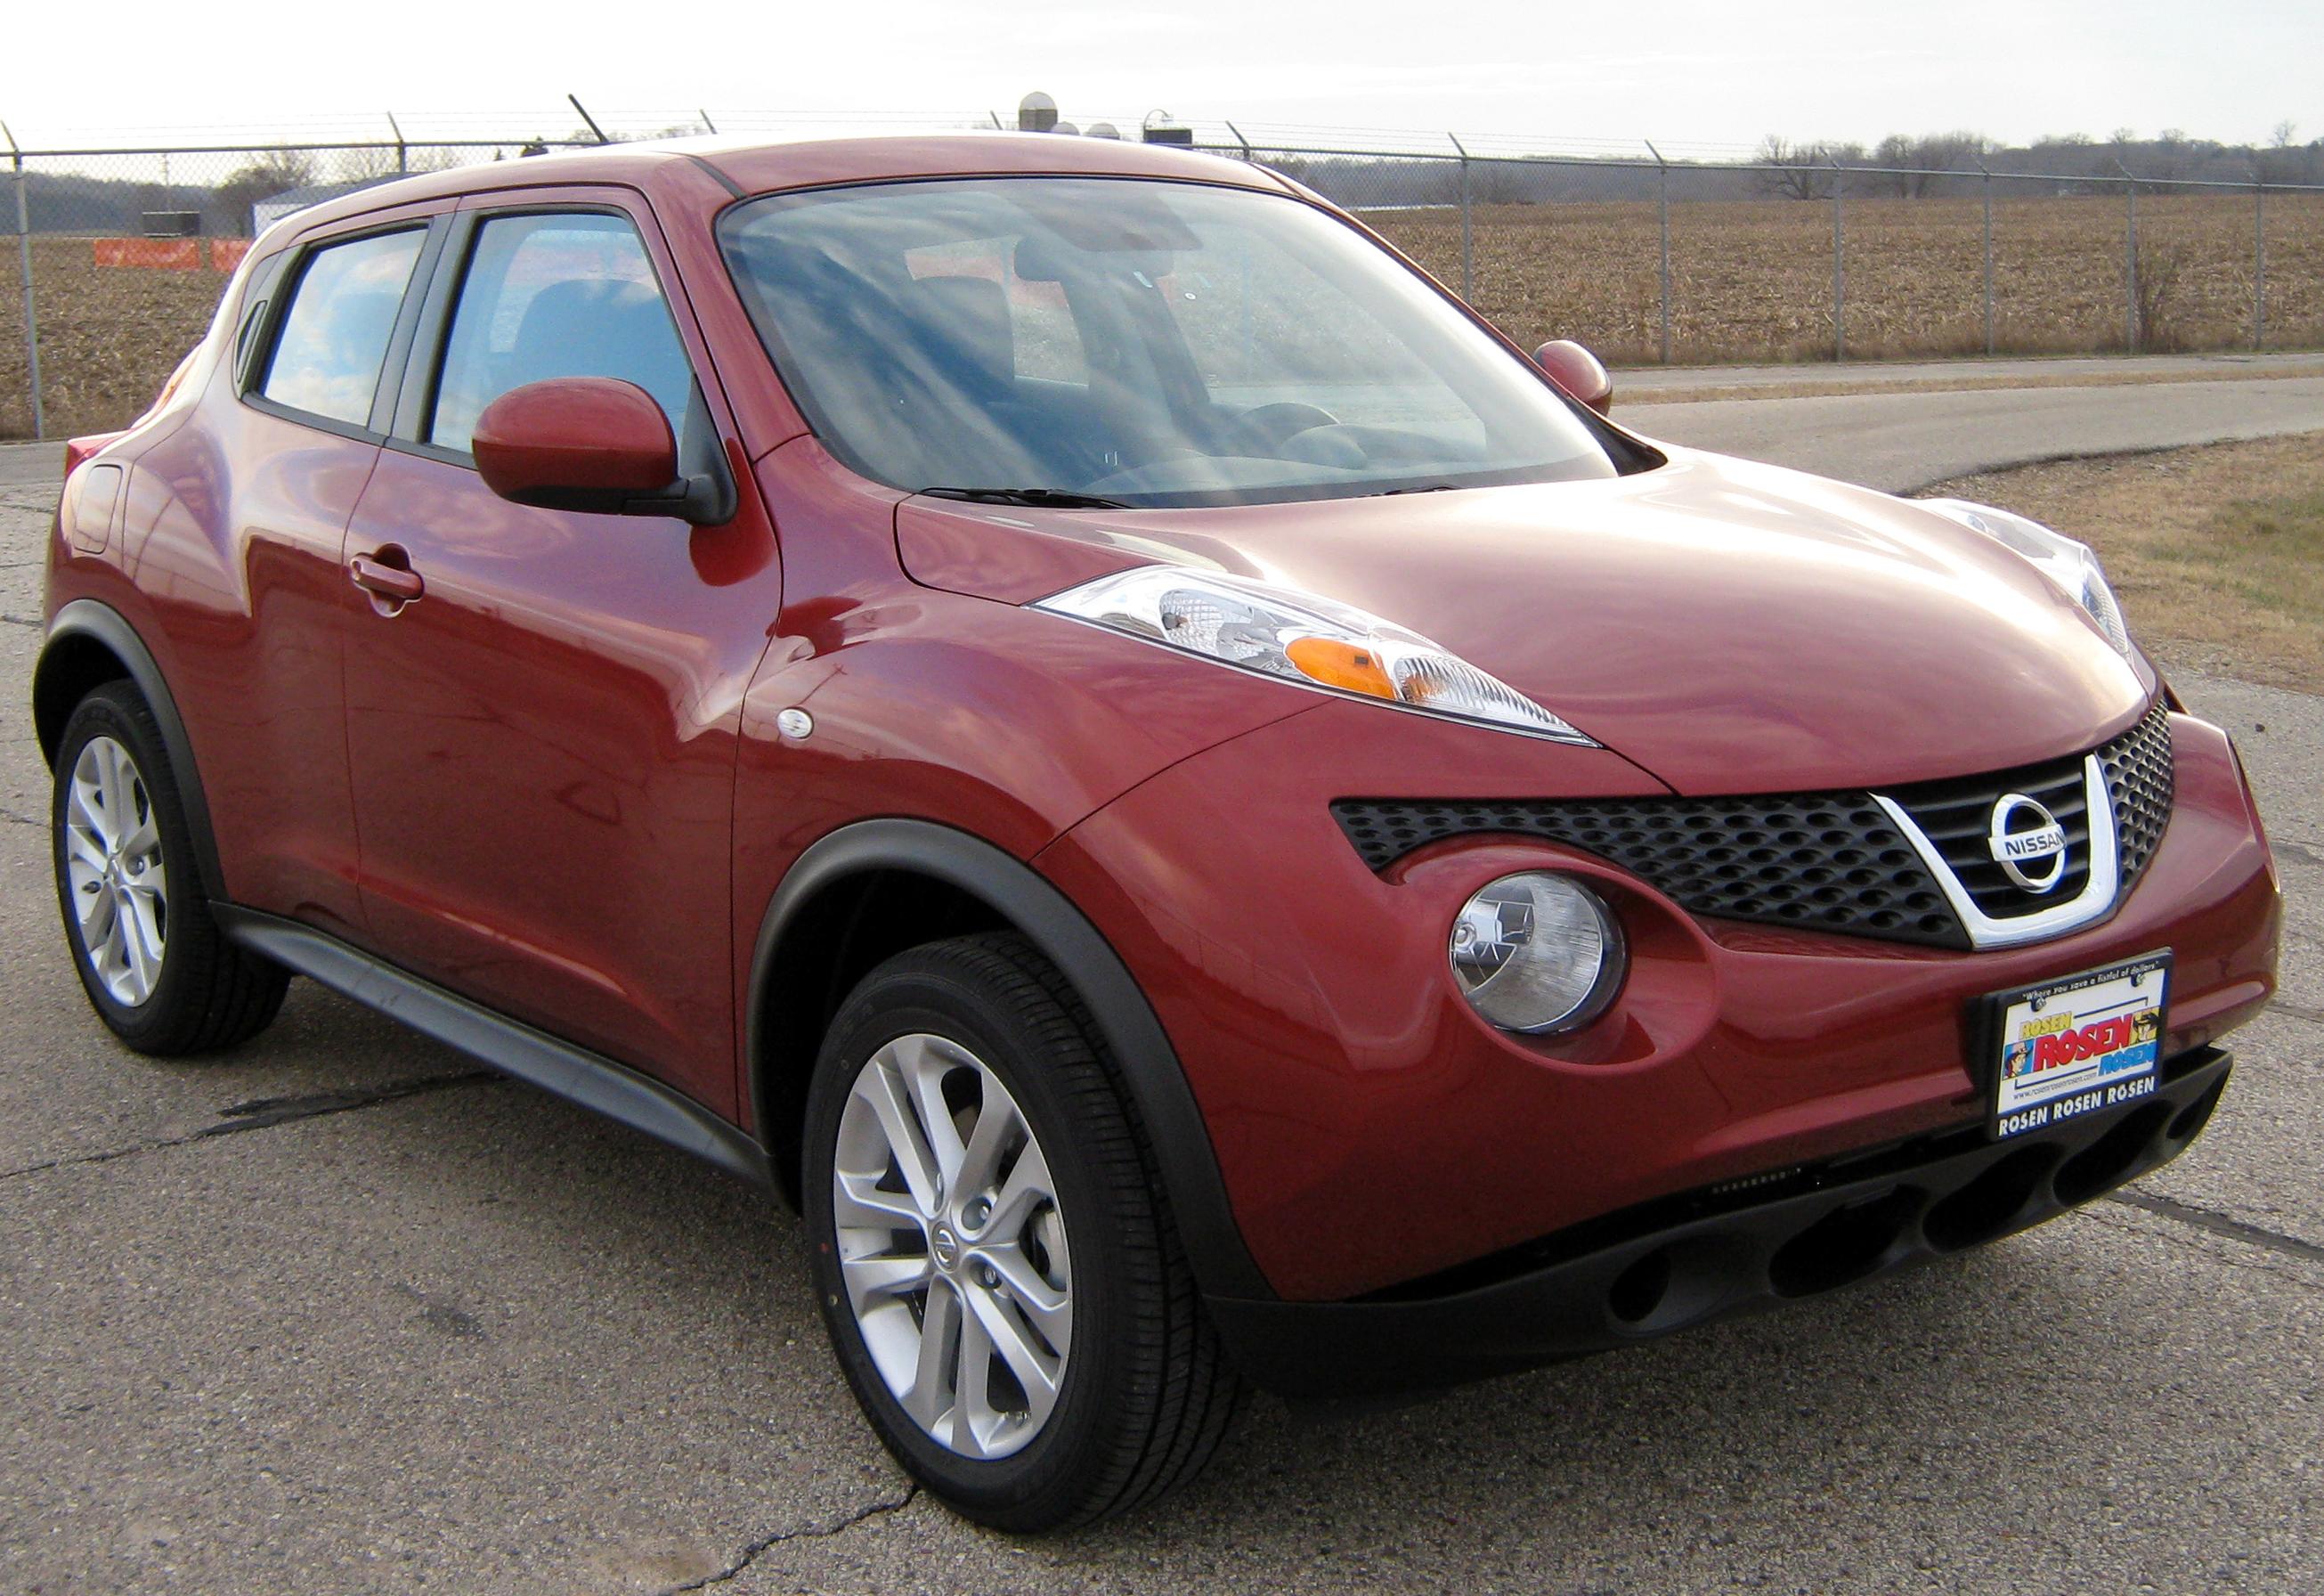 Korszerűbb lesz a Nissan Juke crossover az újabb választékbővítés jegyében